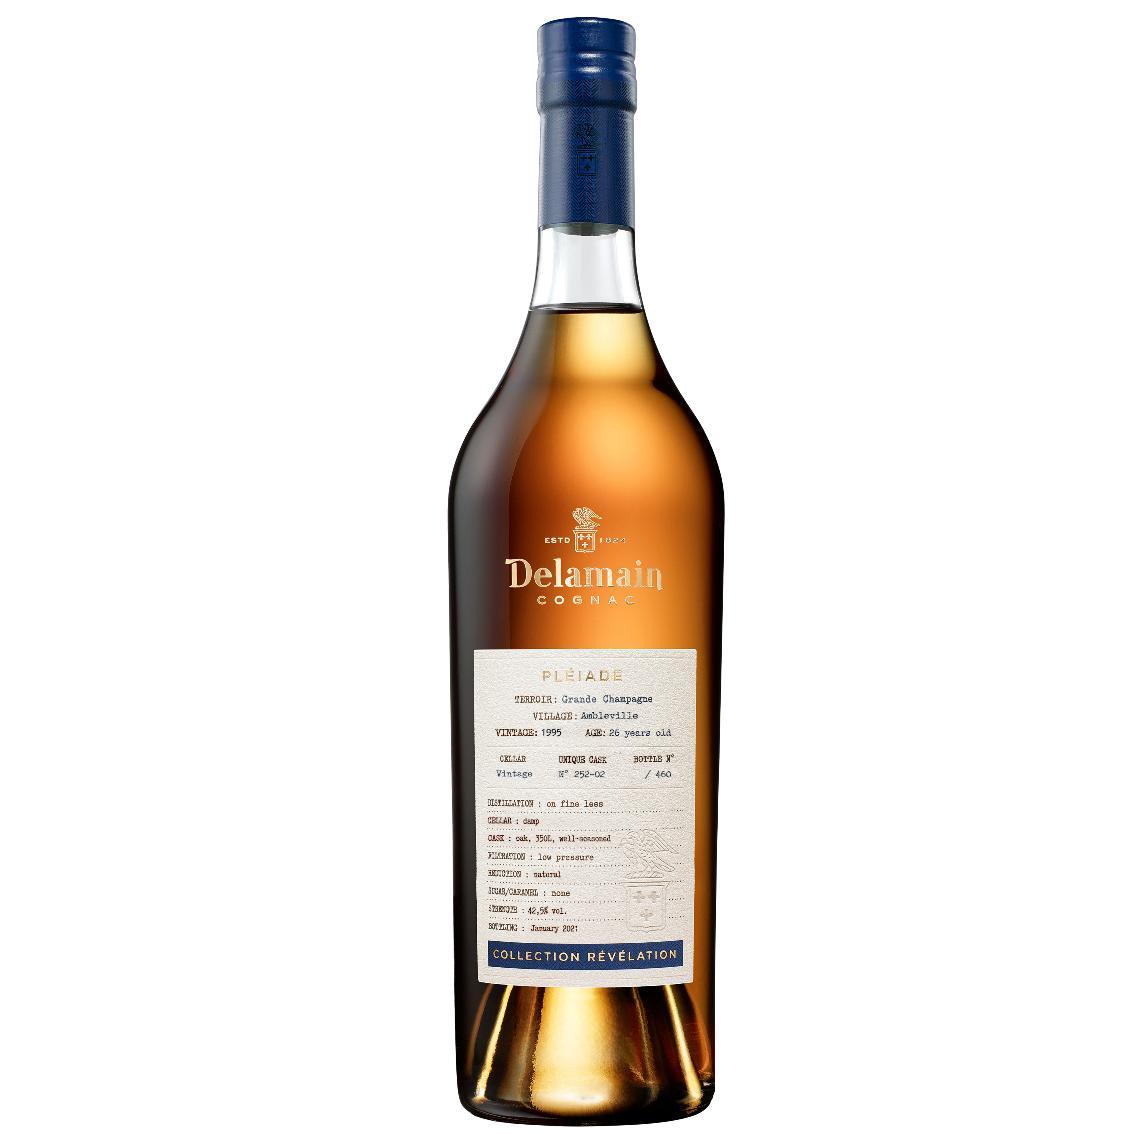 """1995 Cognac """"Ambleville"""" Collection Revelation - Delamain"""